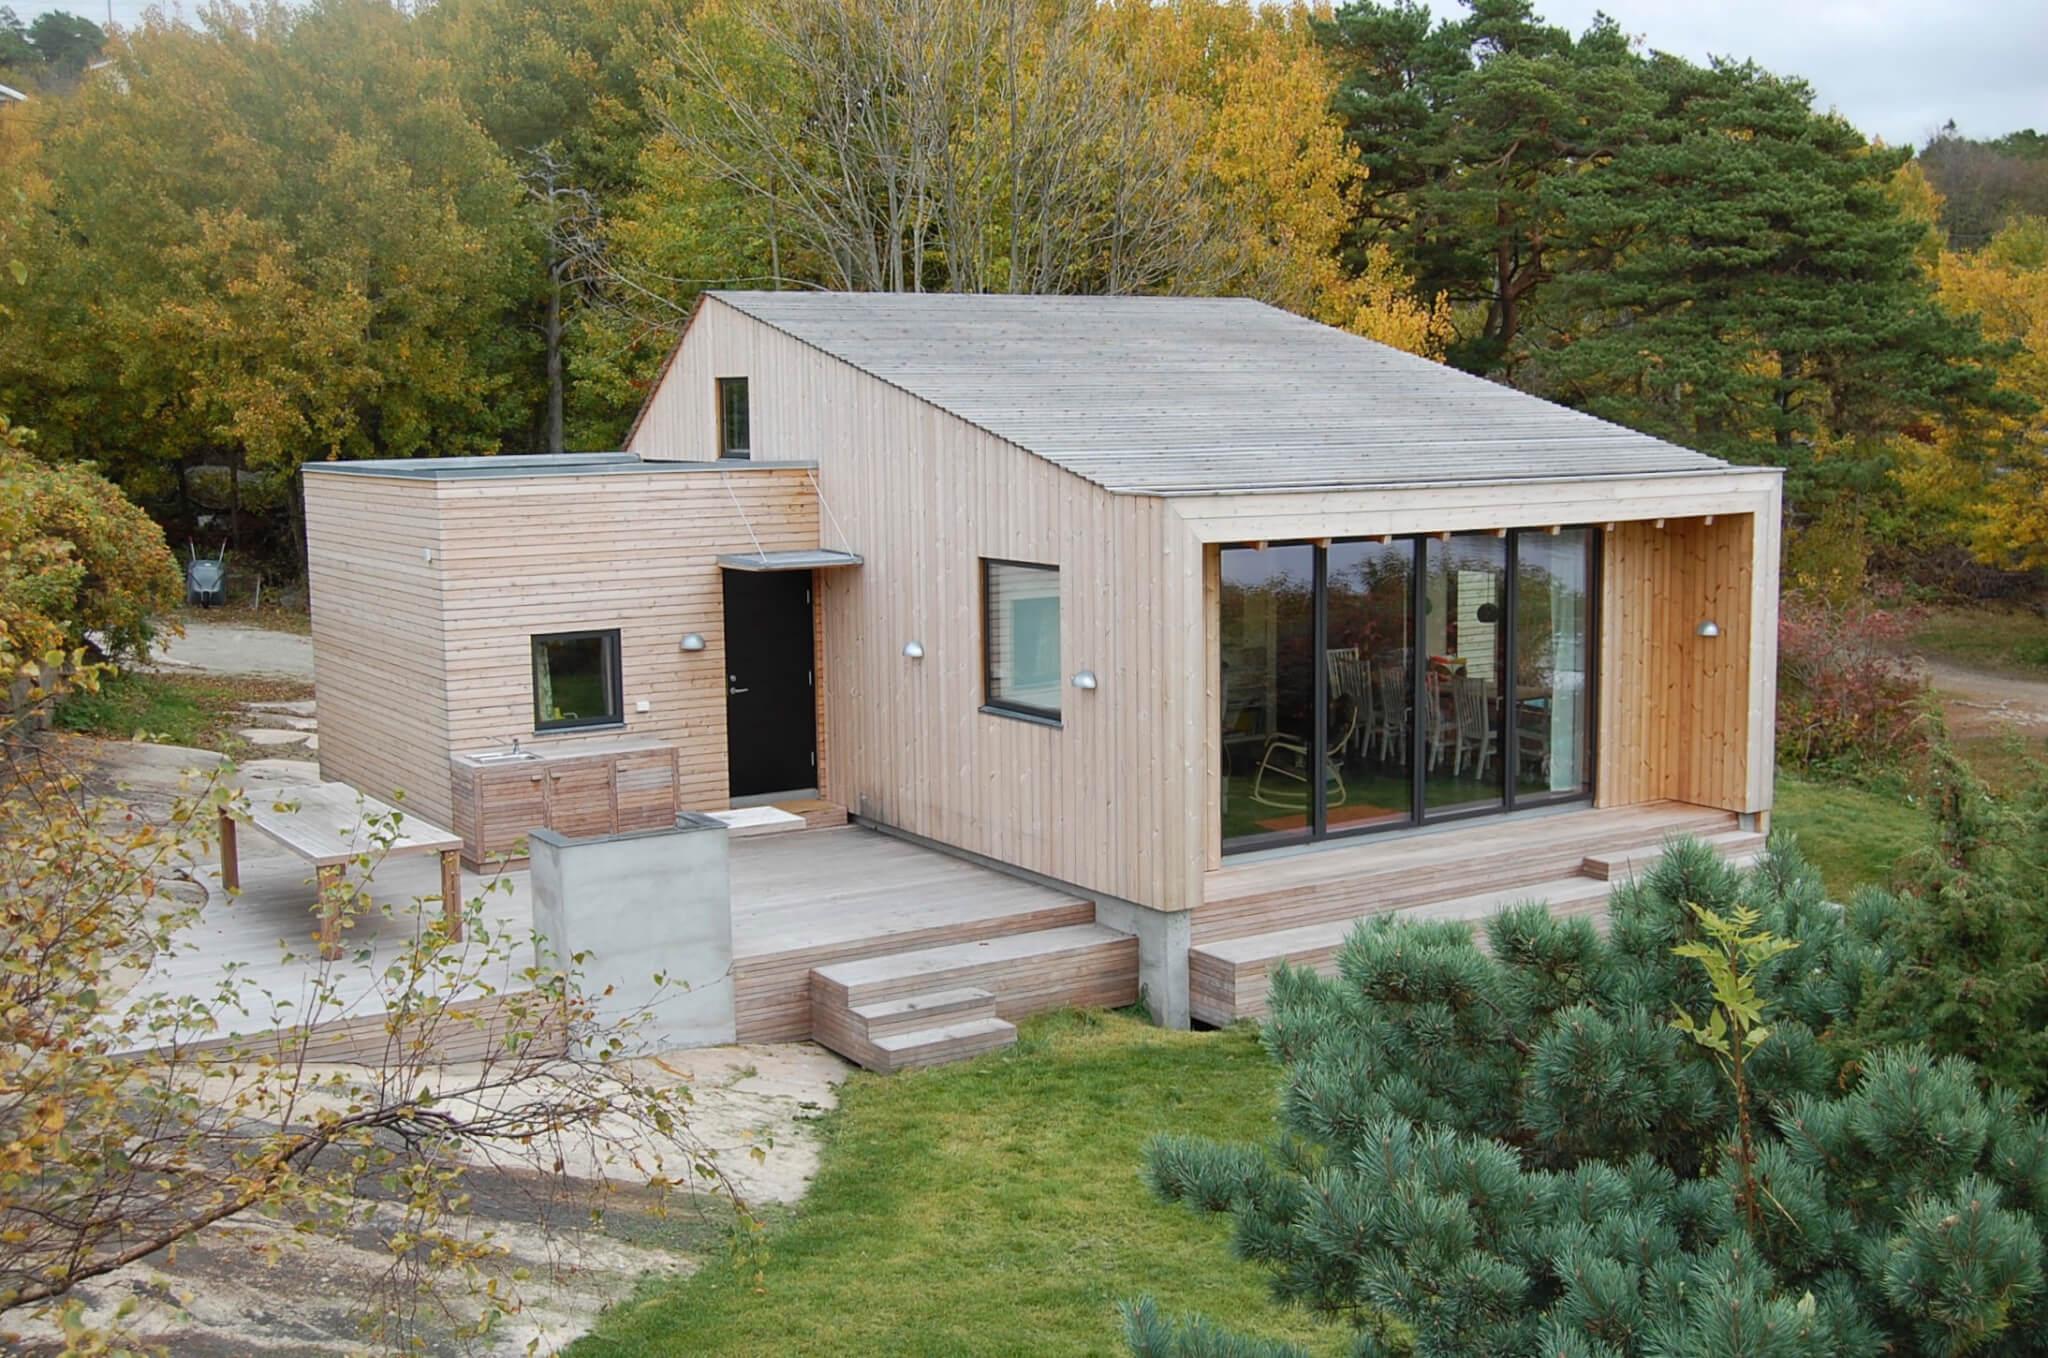 Dom w duńskim stylu